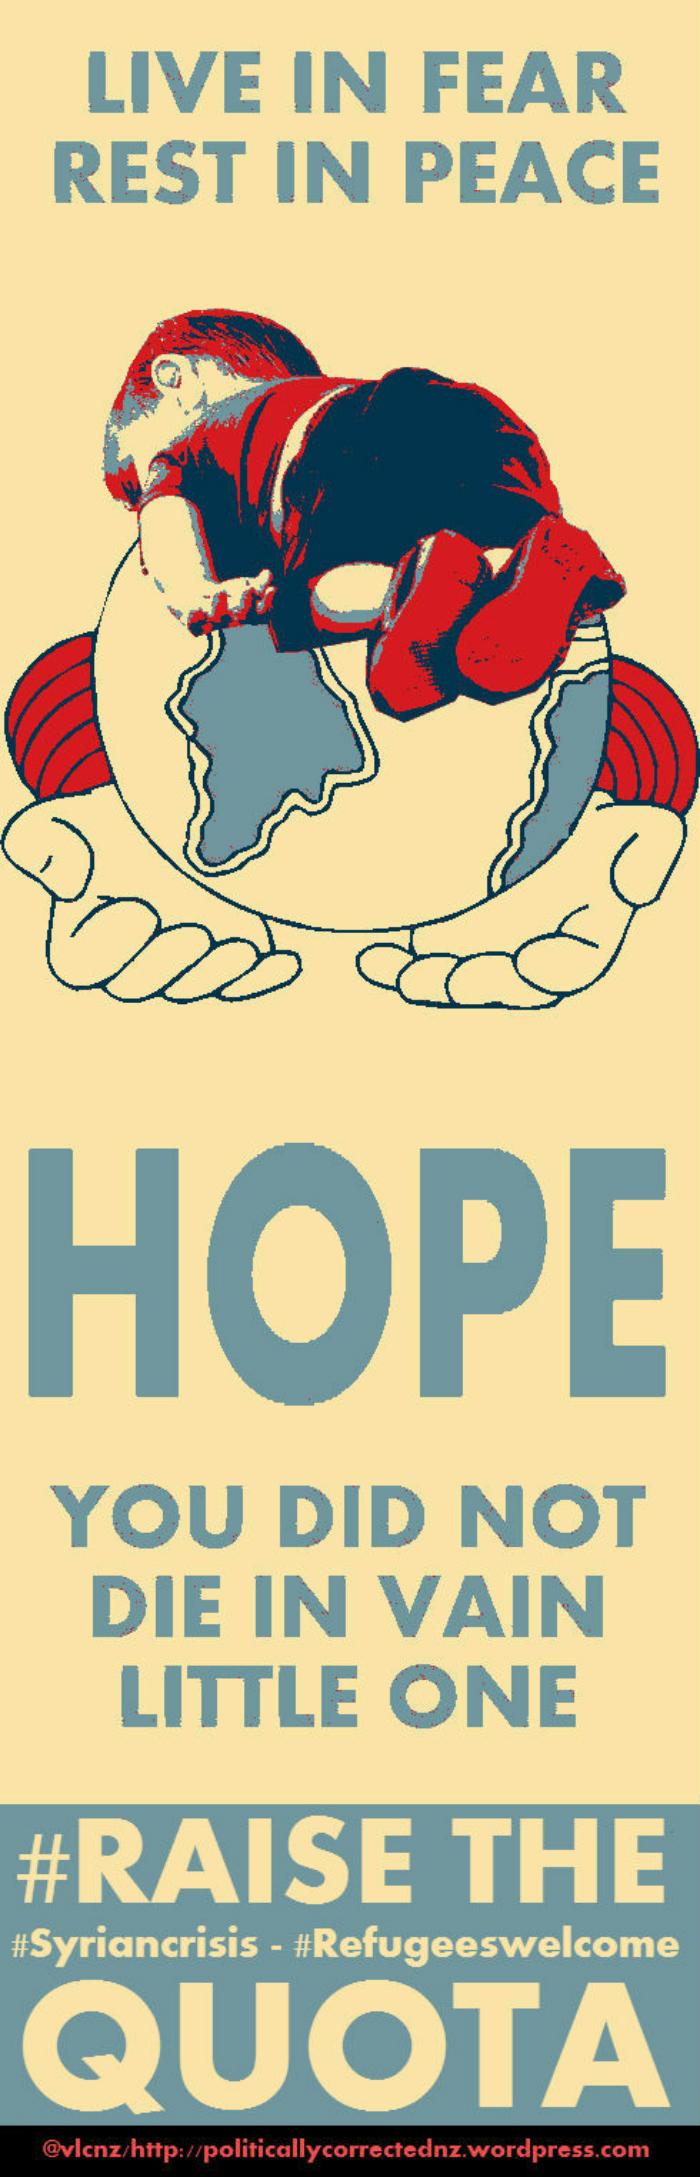 Hope-RIP-Aylan-and-Ghalib-Kurdi-Syrian-Refugees-700__700